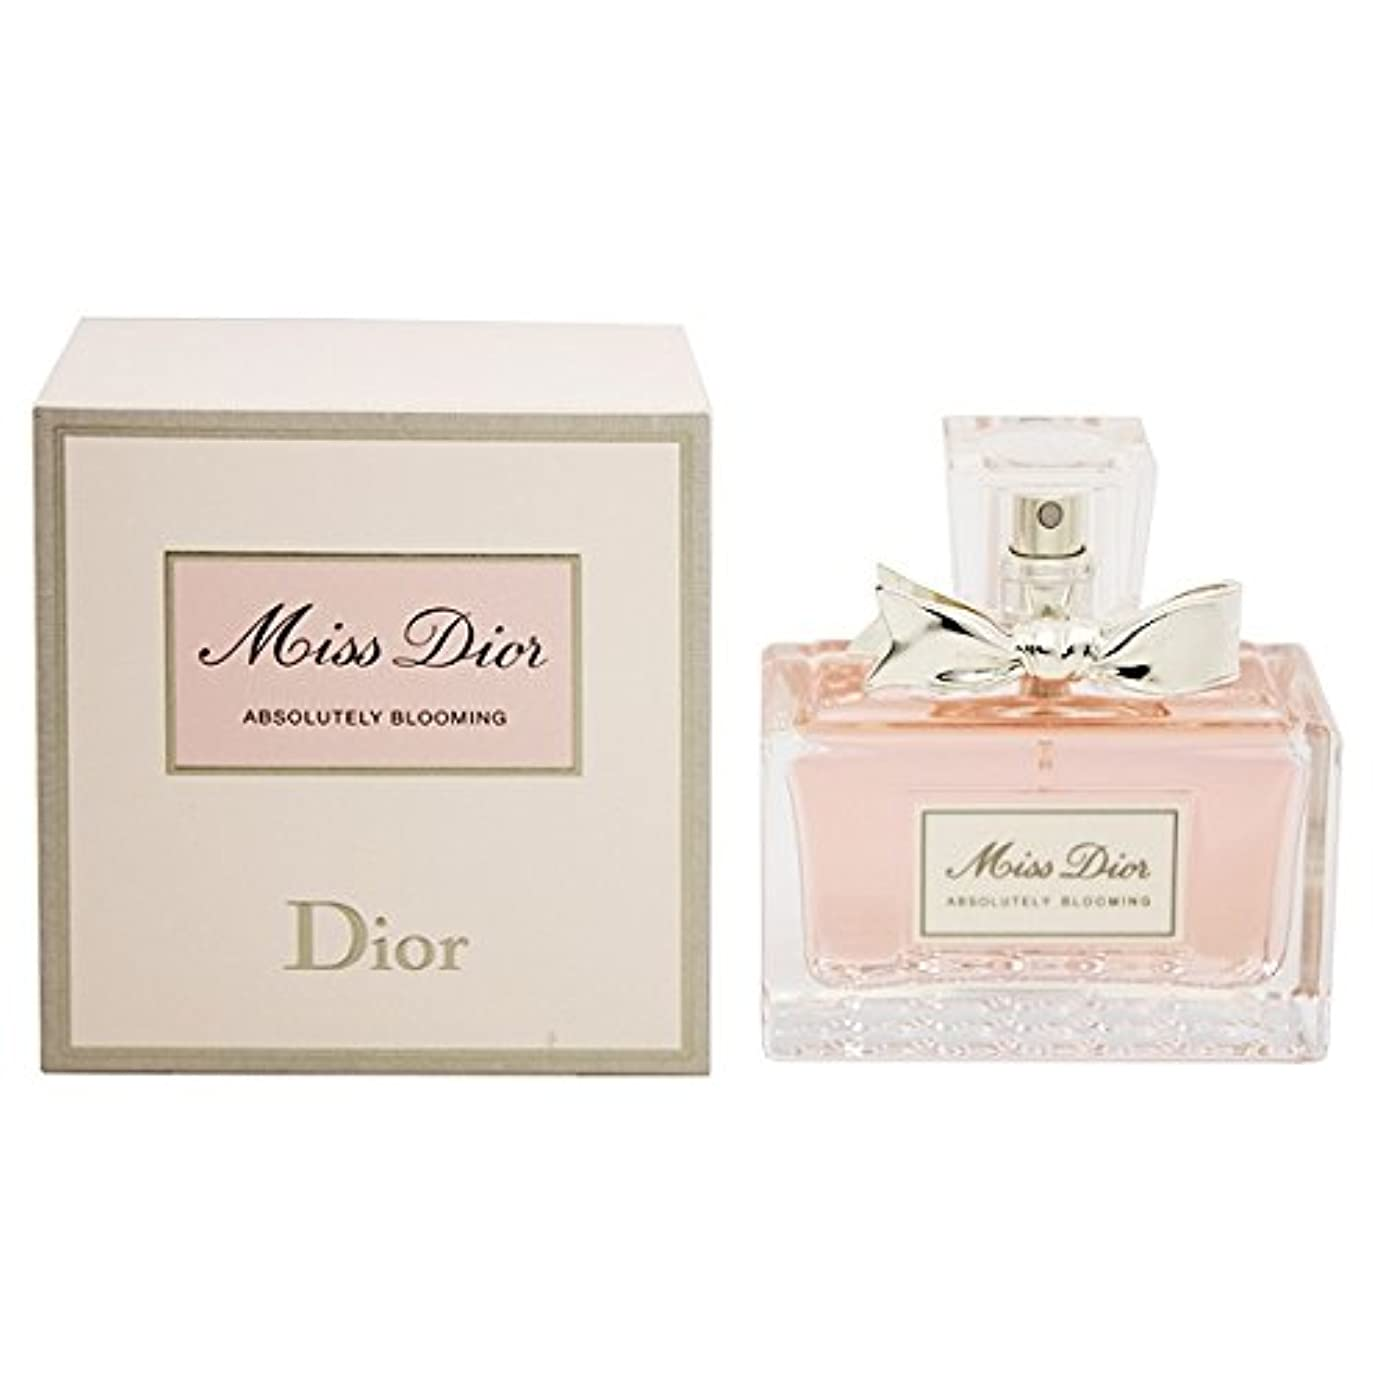 魅惑するリークピアノクリスチャン ディオール(Christian Dior) ミス ディオール アブソリュートリー ブルーミング 50ml[並行輸入品]